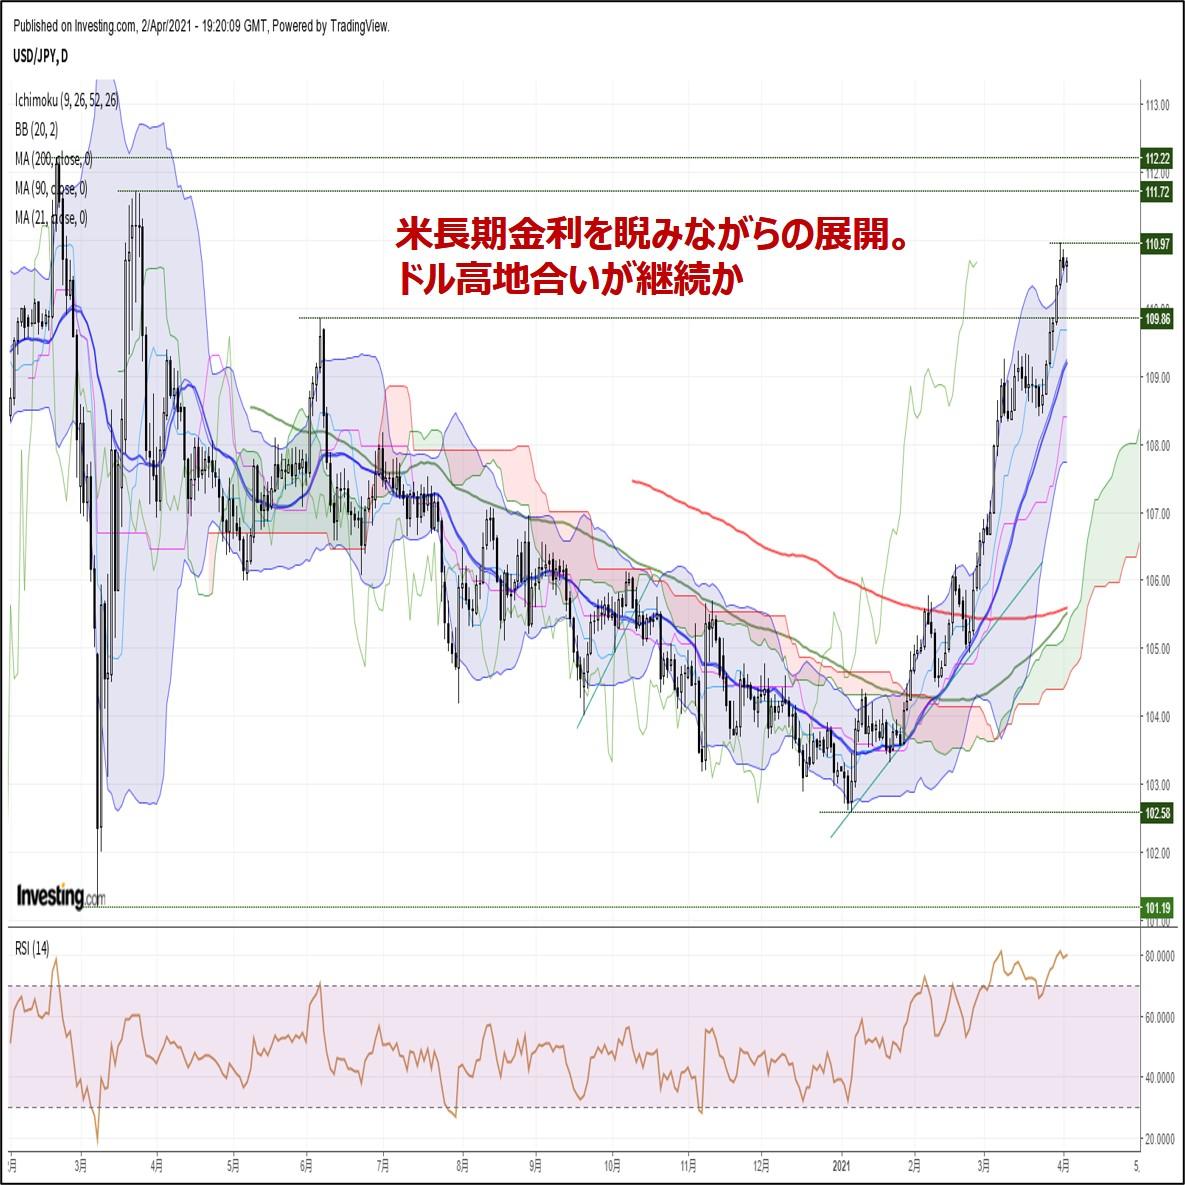 来週の為替相場見通し:『米長期金利を睨みながらの展開。ドル高地合いが継続か』(4/3朝)